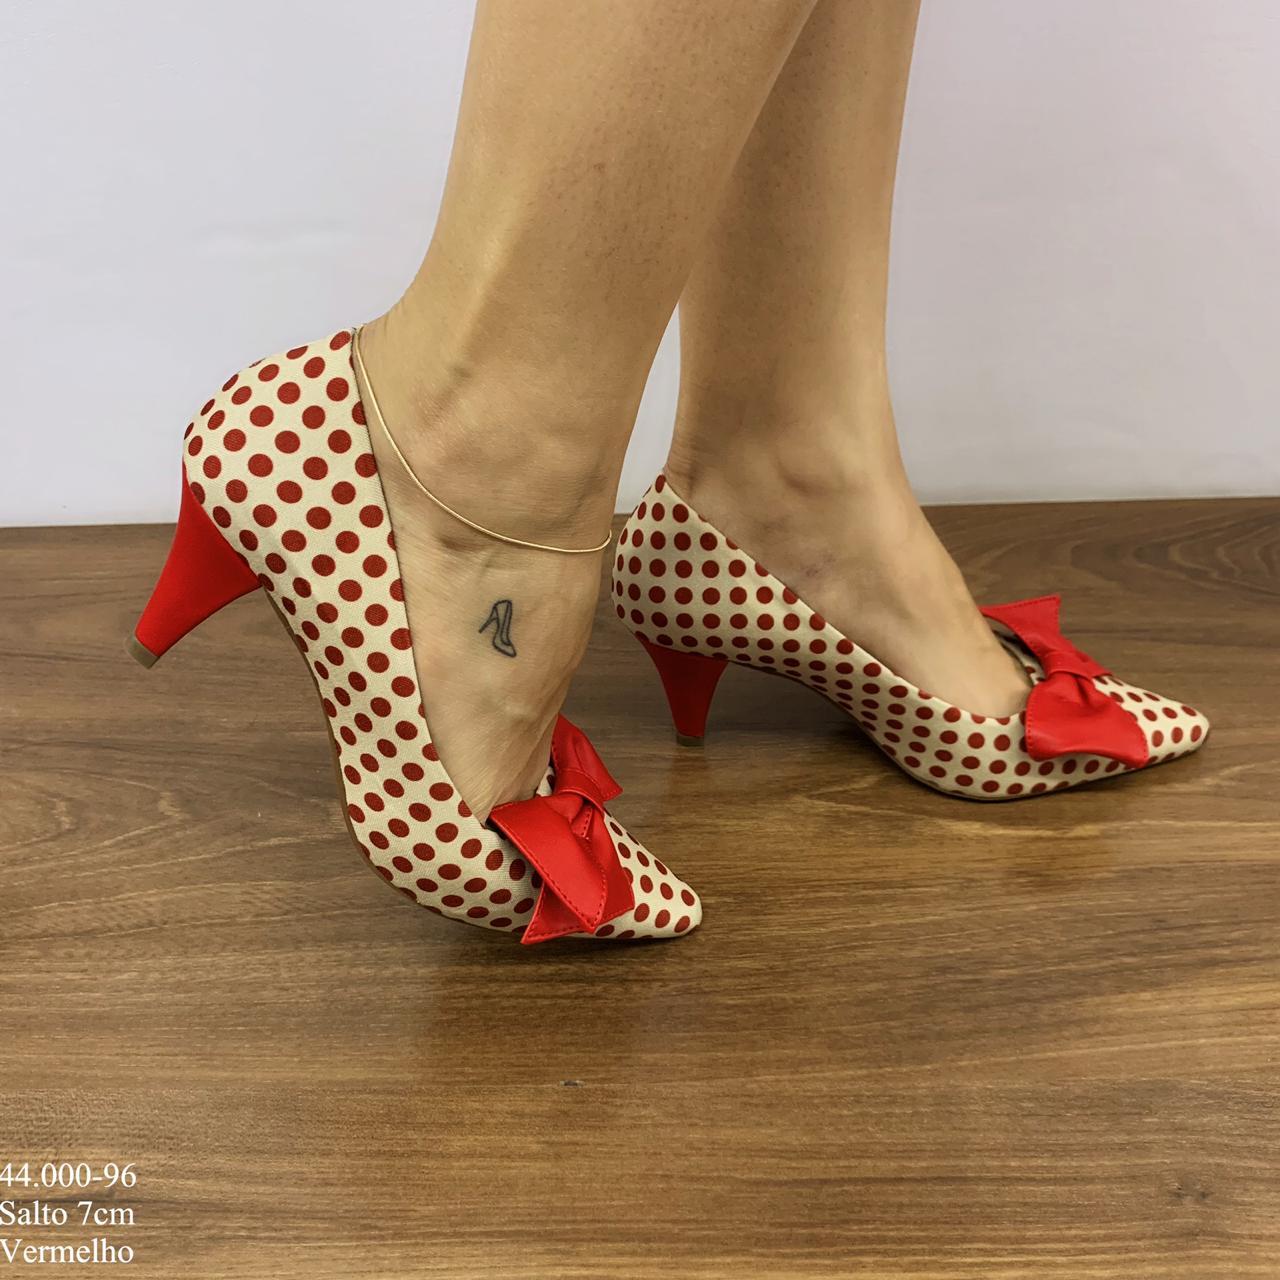 Scarpin Vermelho com Laço | D-44.000-96